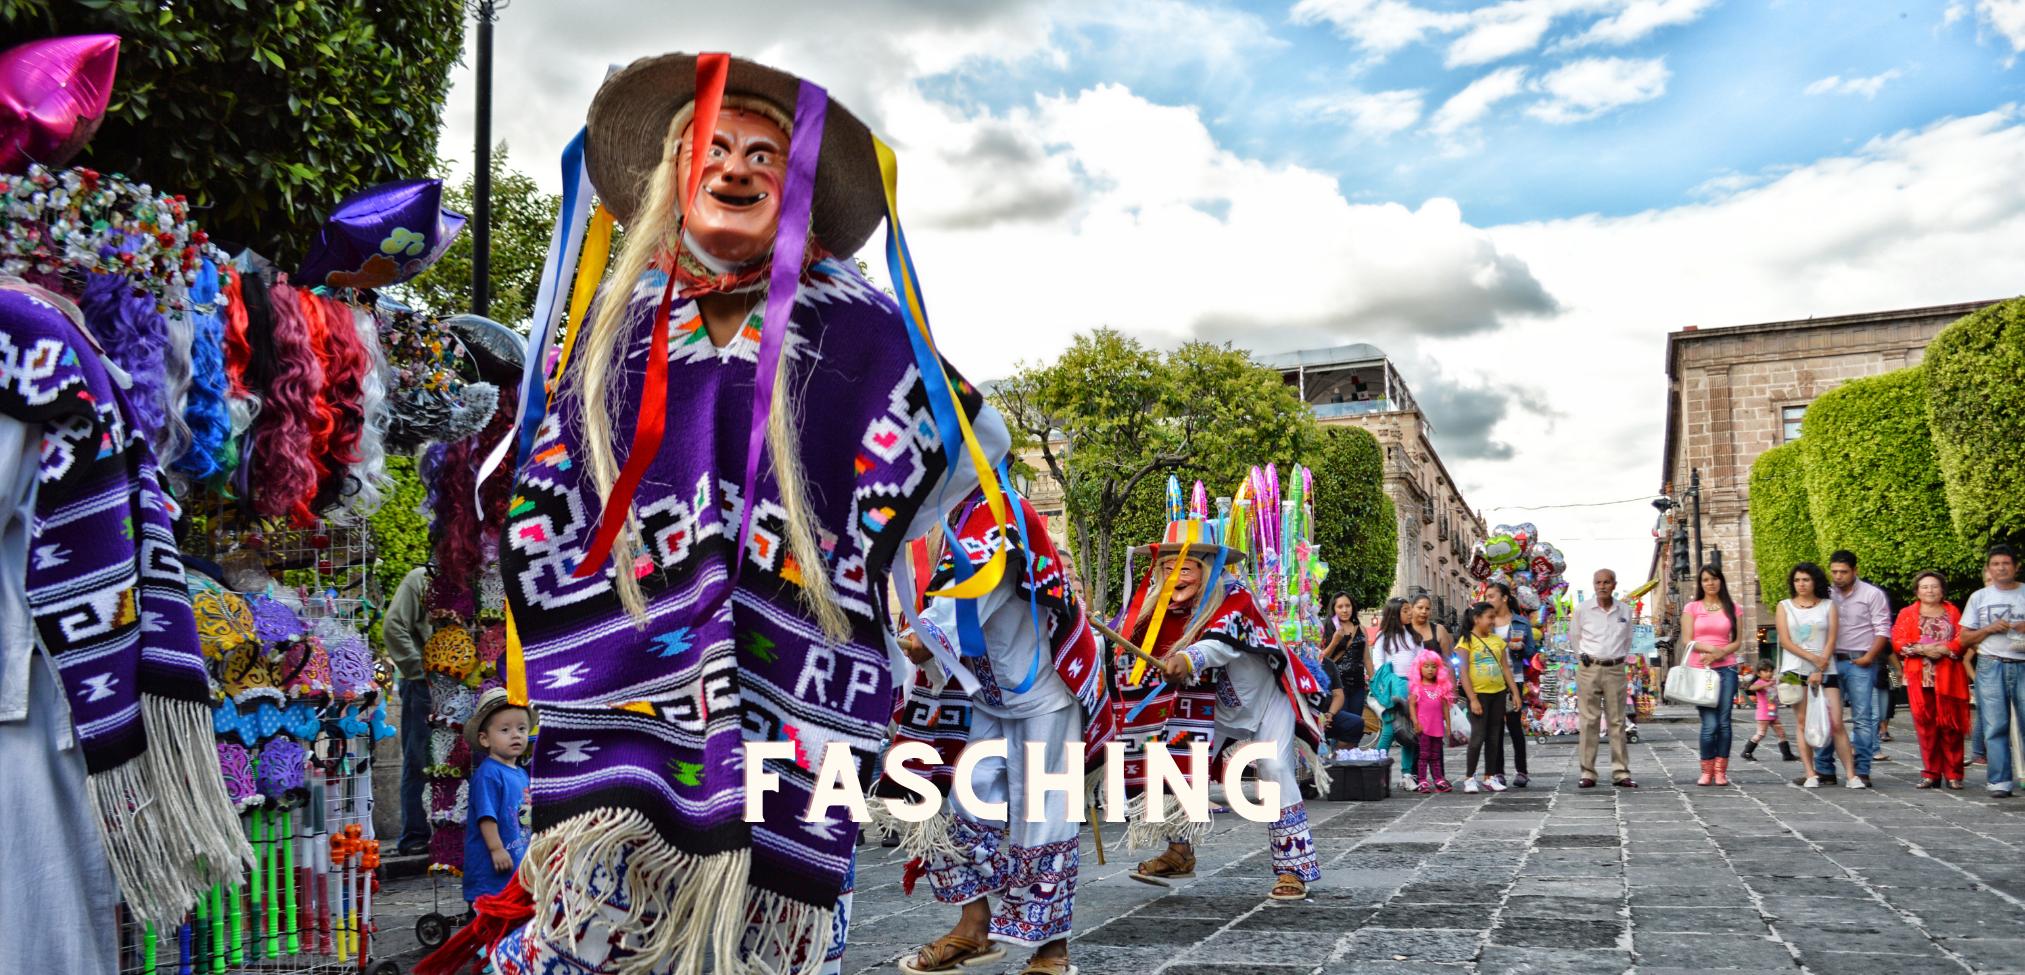 Aktivitäten in Mexiko: Fasching